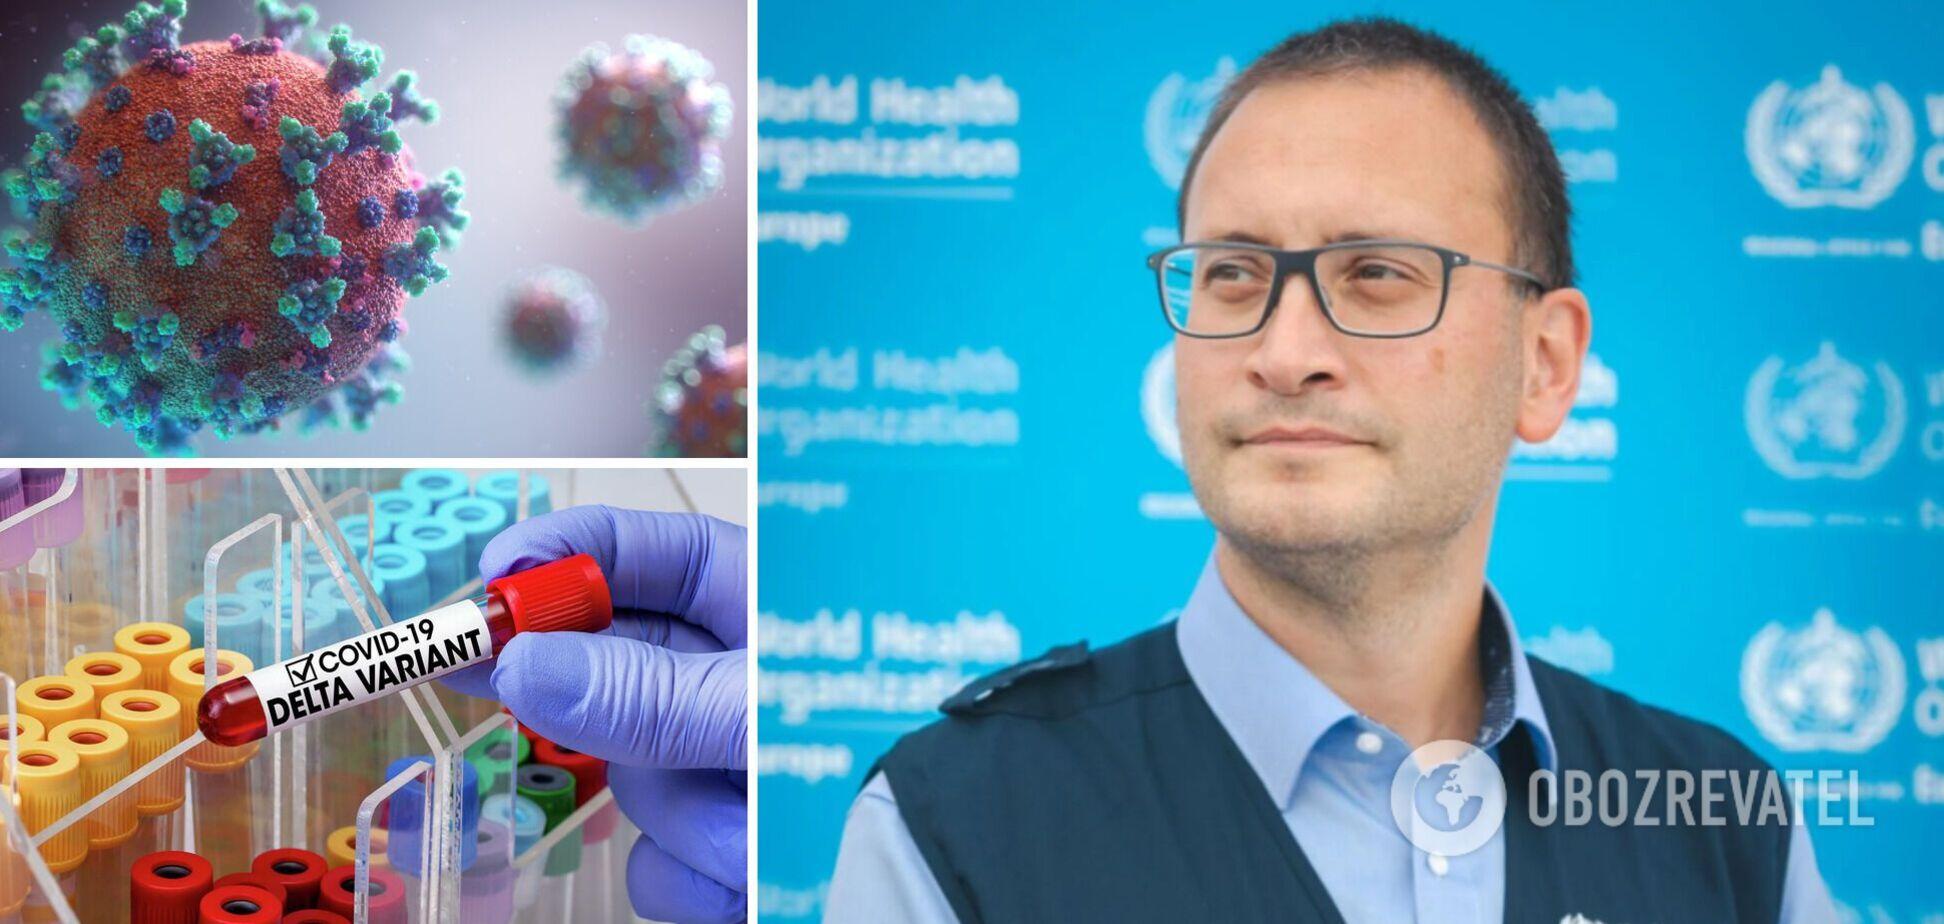 В ВОЗ рассказали, когда ждать новой вспышки COVID-19 в Украине: с вакцинацией есть проблема